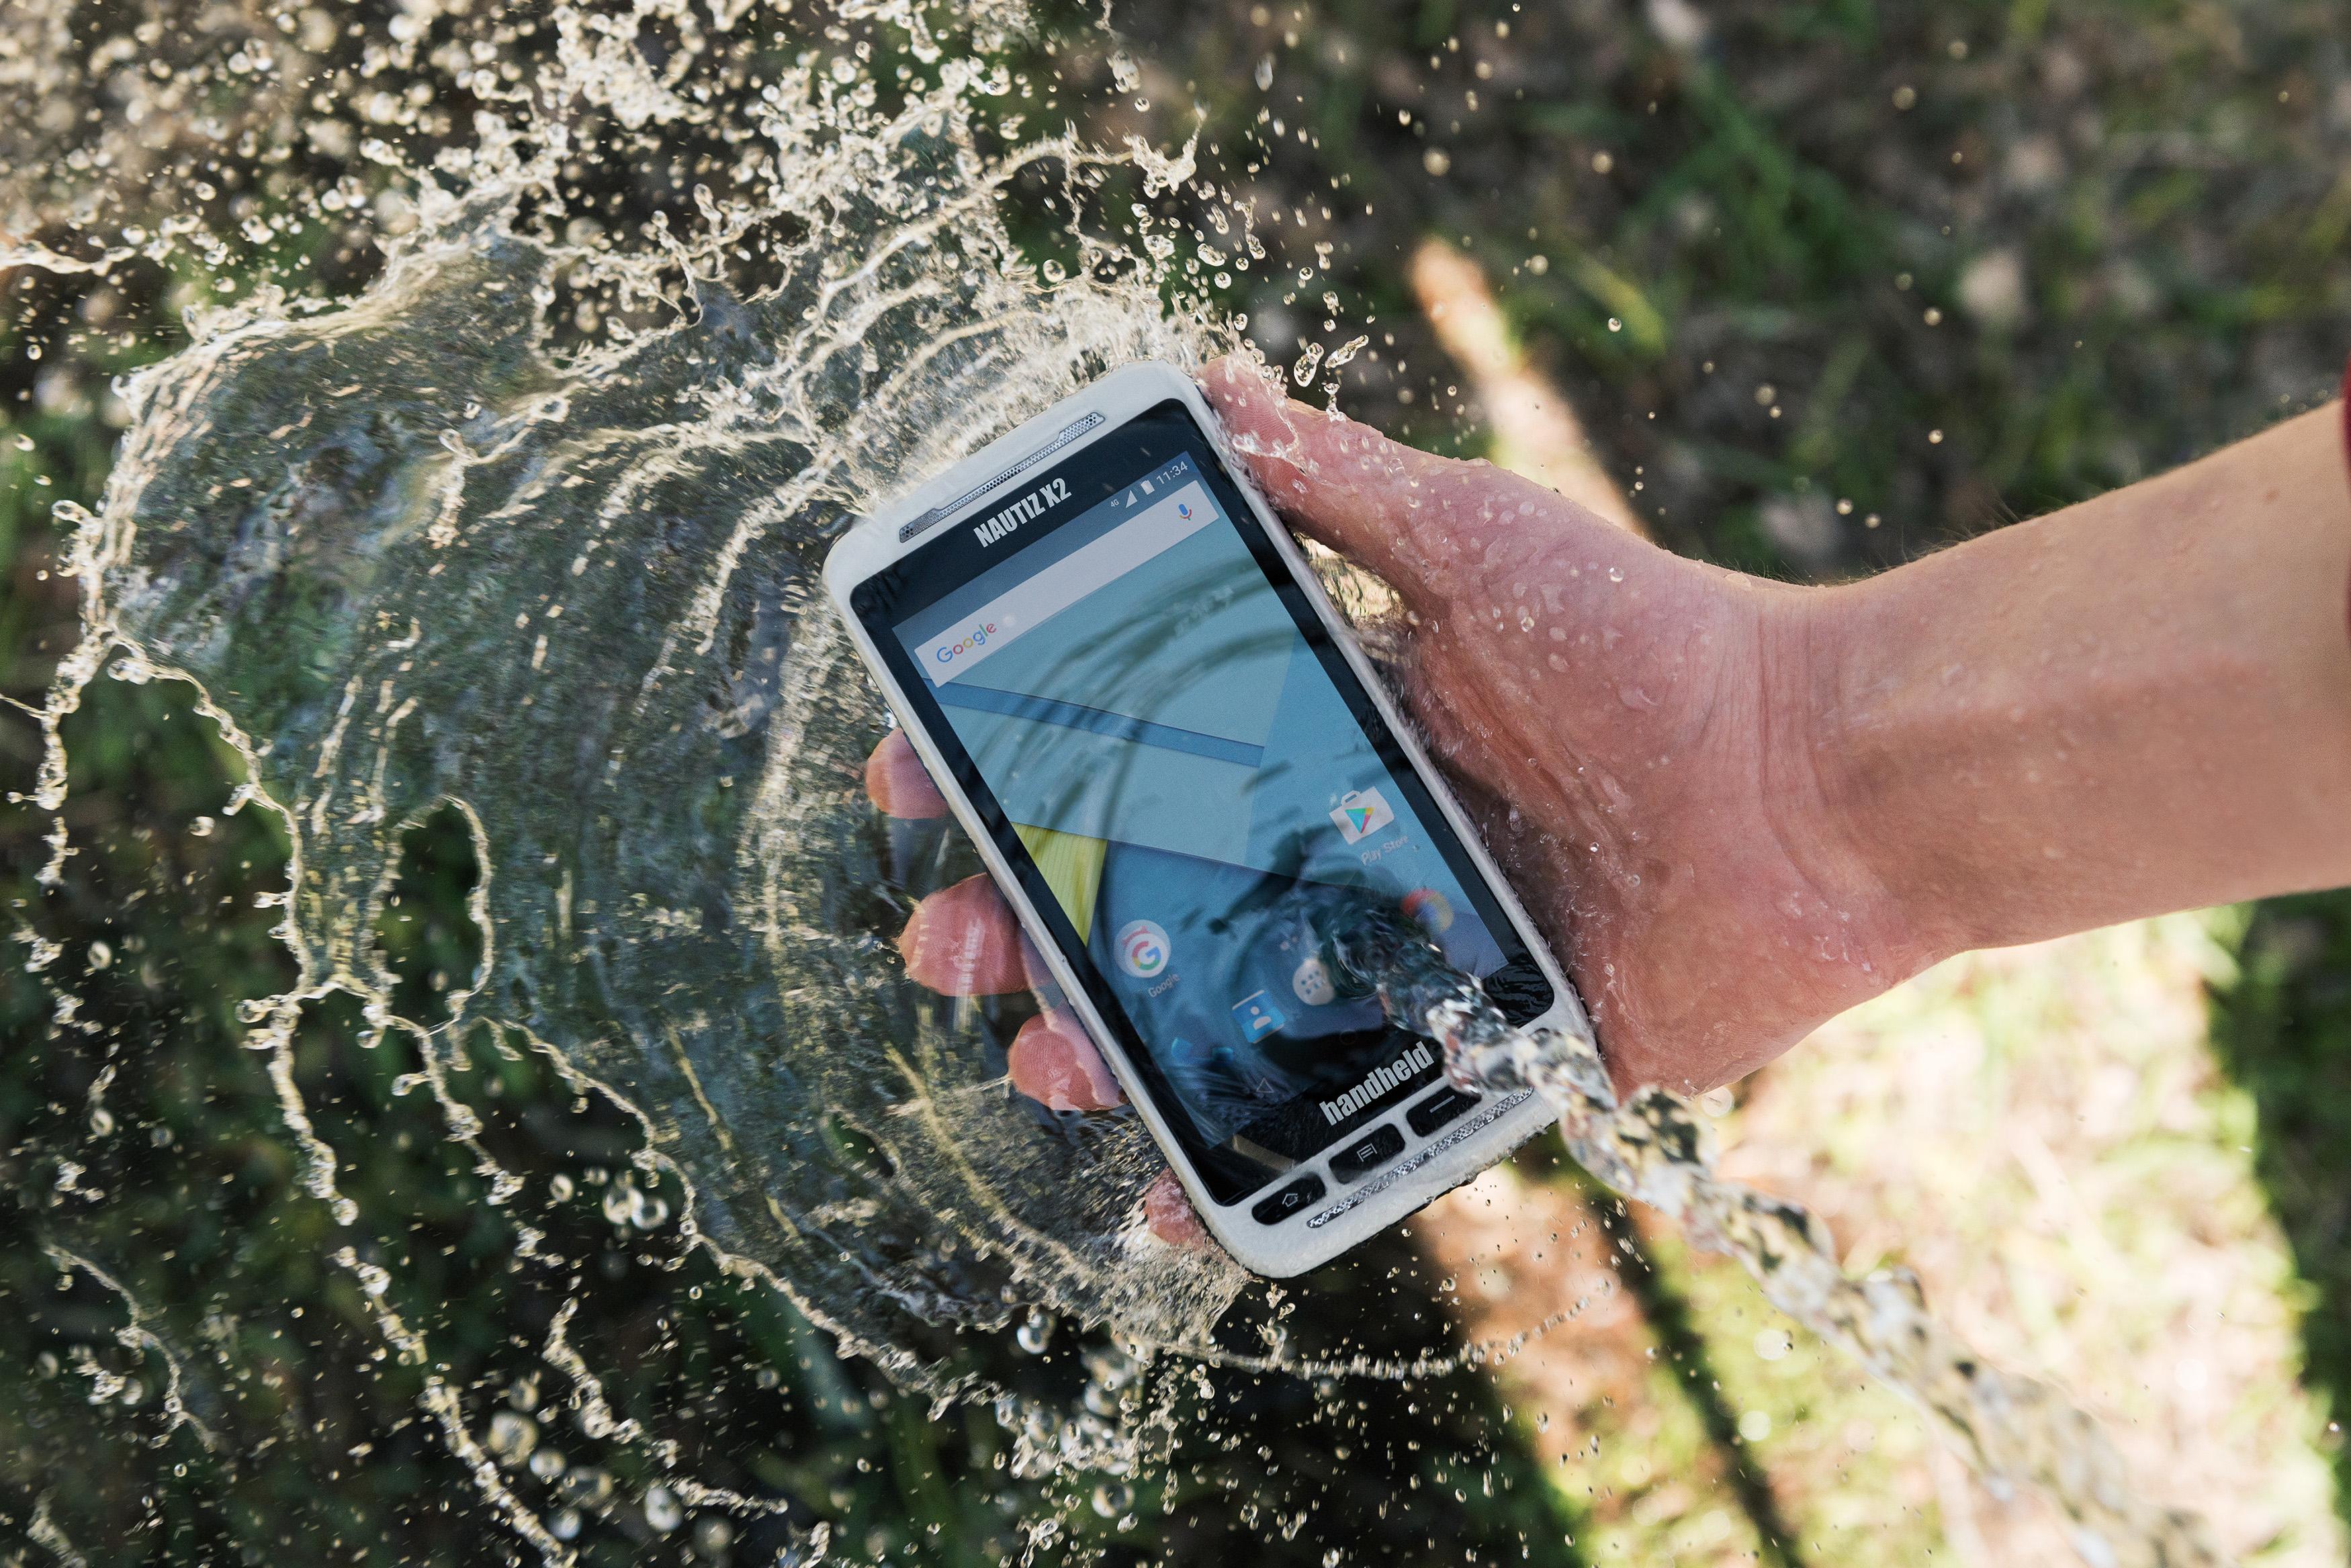 Nautiz-X2-handheld-IP65-water-Android-6.jpg